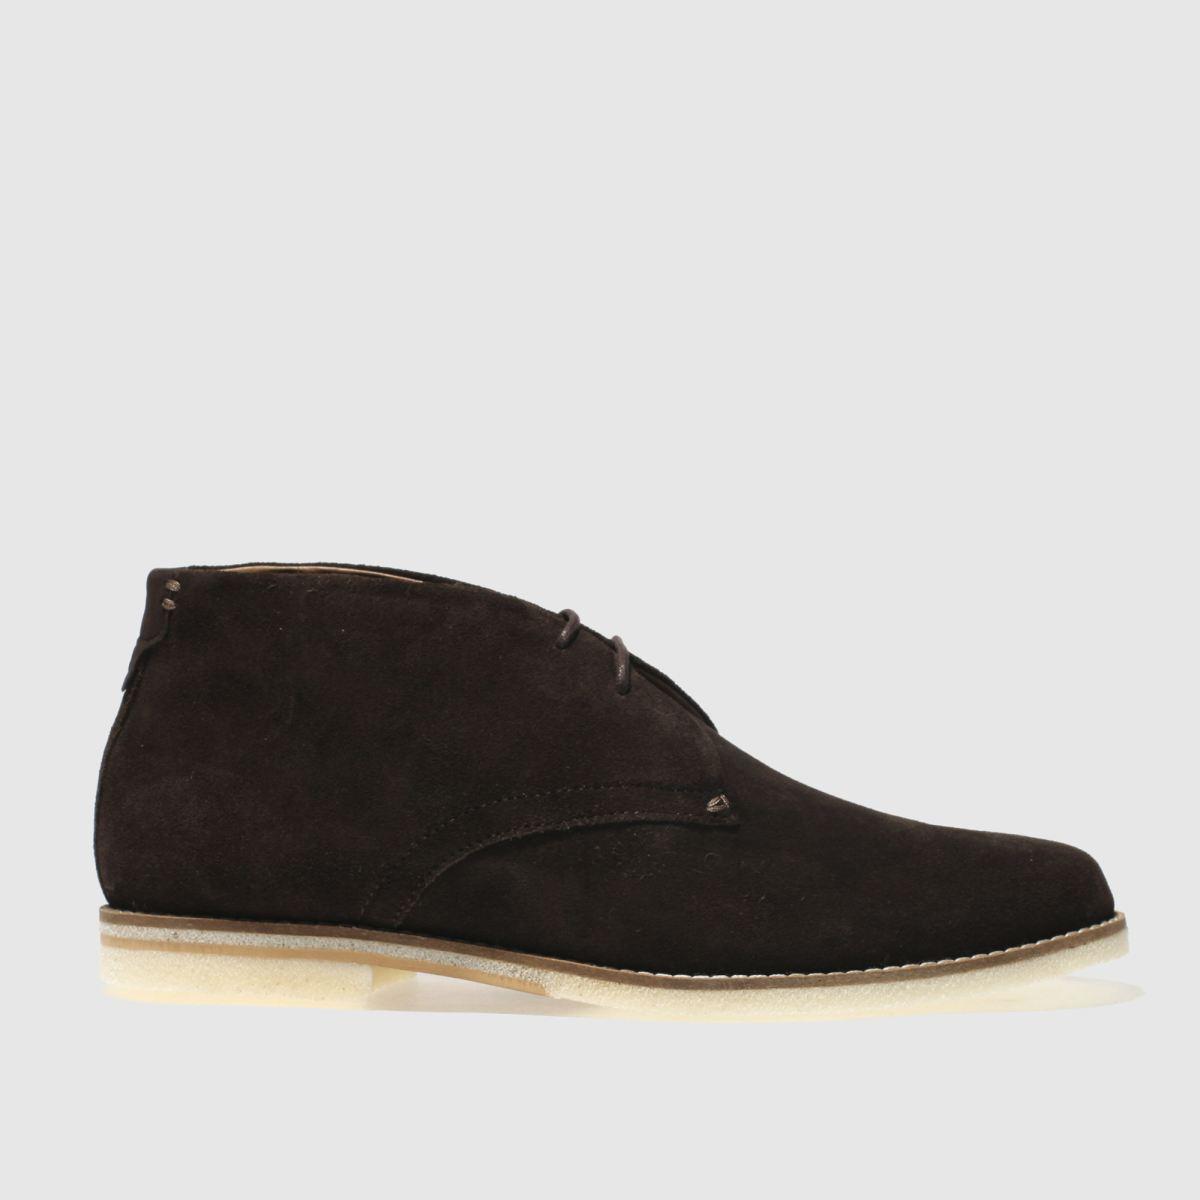 H By Hudson Brown Aldershot Boots